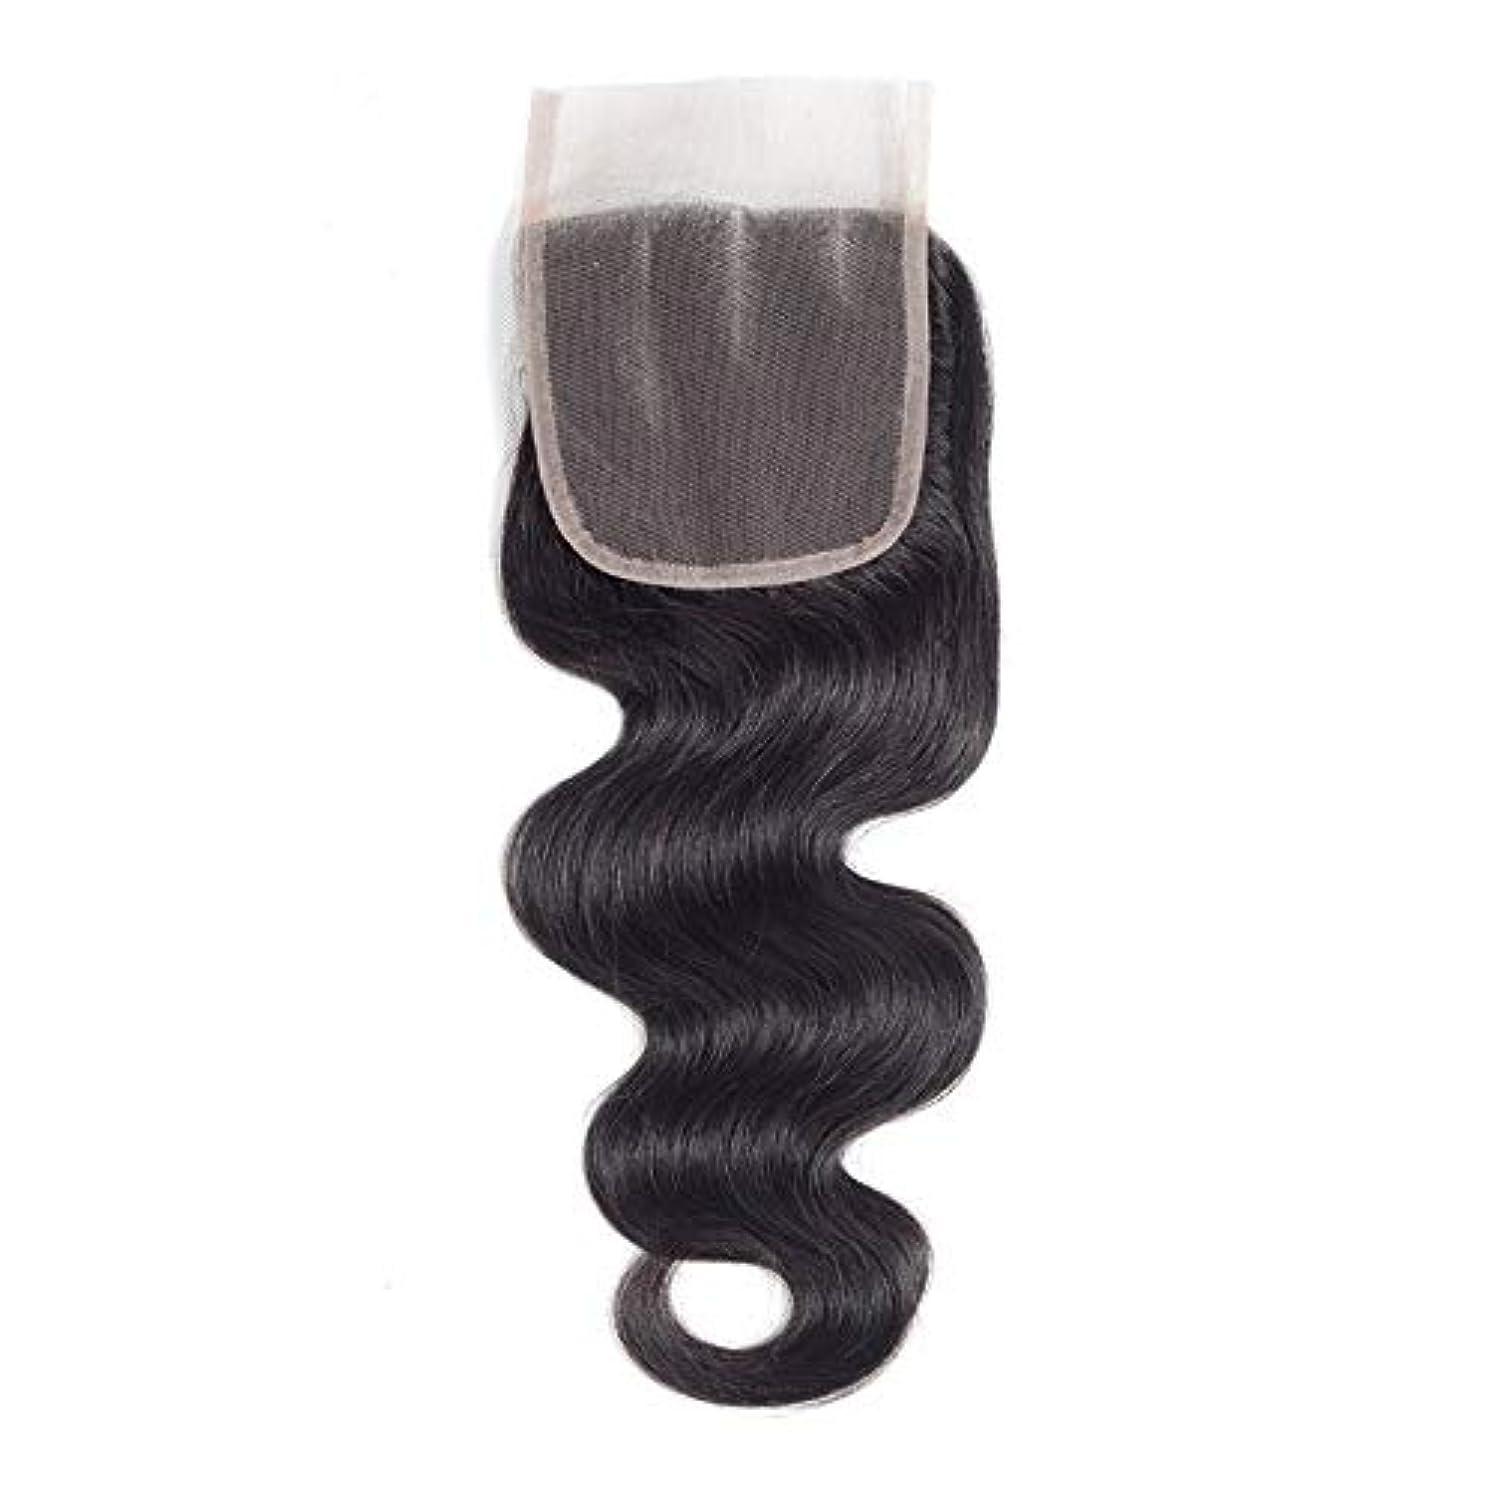 適切な一緒に研磨剤HOHYLLYA ブラジル実体波巻き毛4 x 4インチレース閉鎖無料部分100%本物の人間の髪の毛の自然な色(8インチ-20インチ)長い巻き毛のかつら、 (色 : 黒, サイズ : 16 inch)